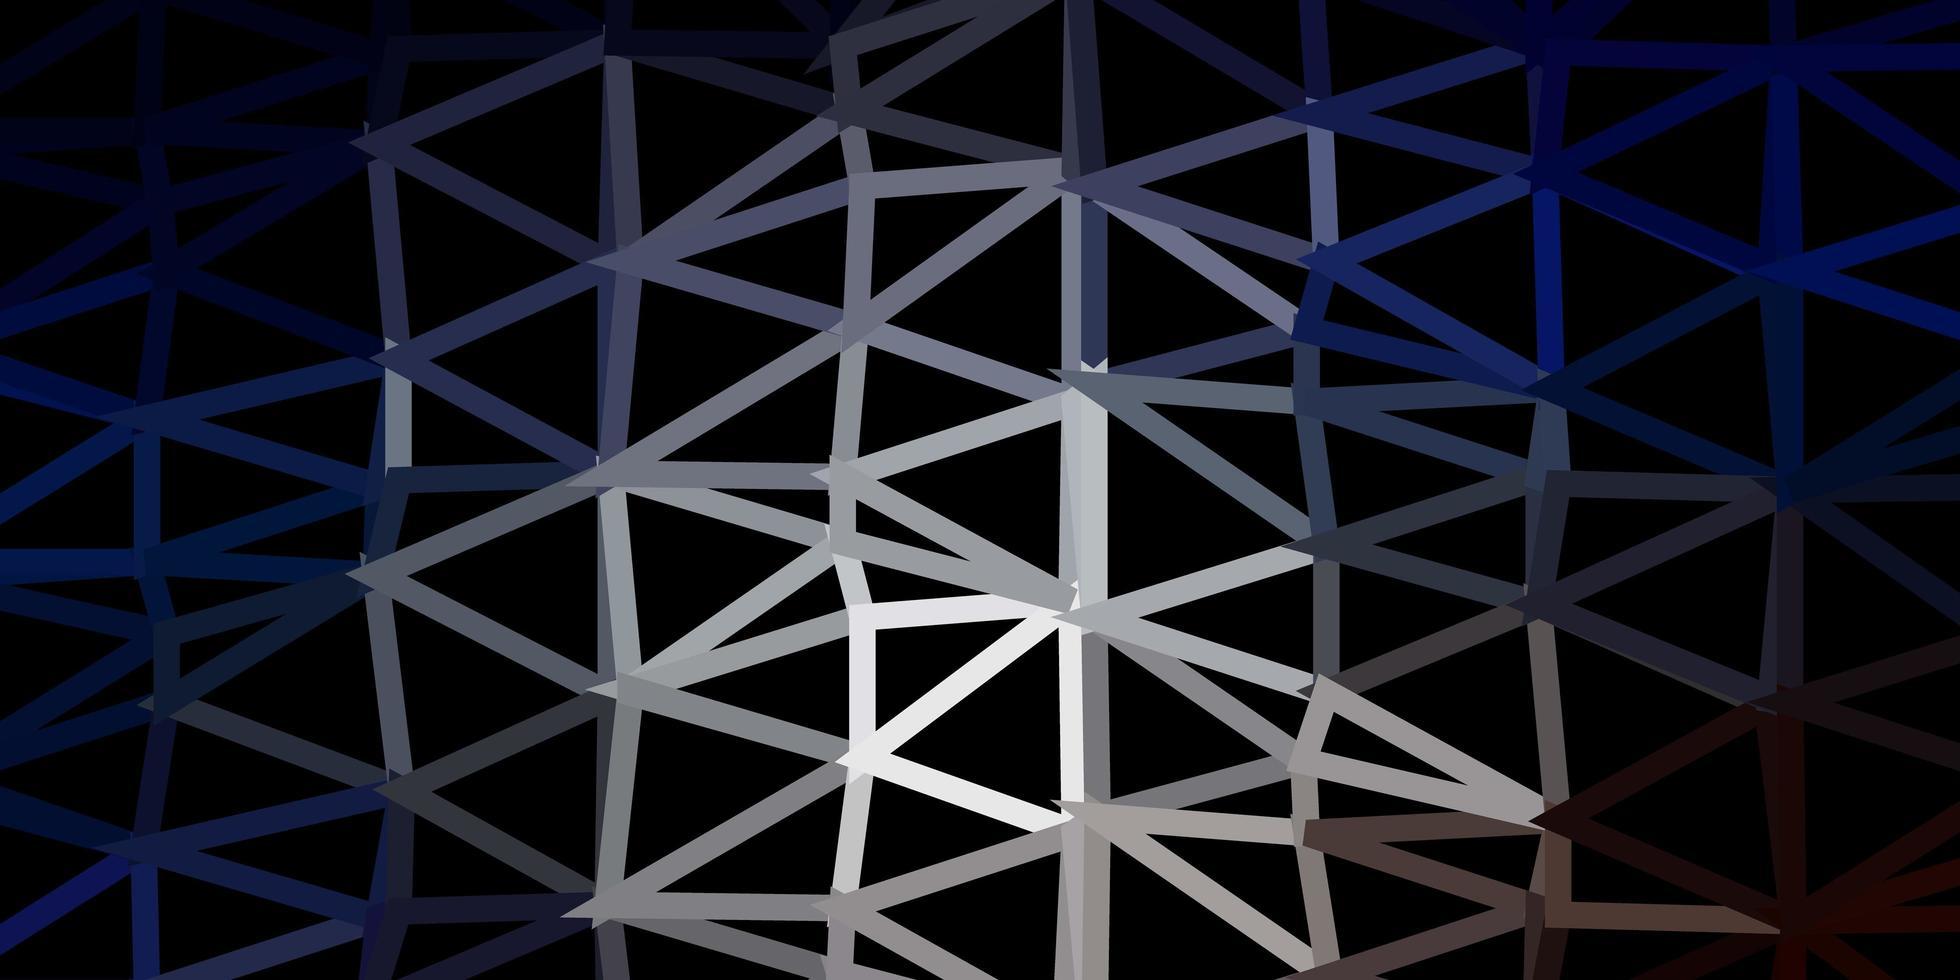 mörkblå, gul vektor gradient polygon tapet.